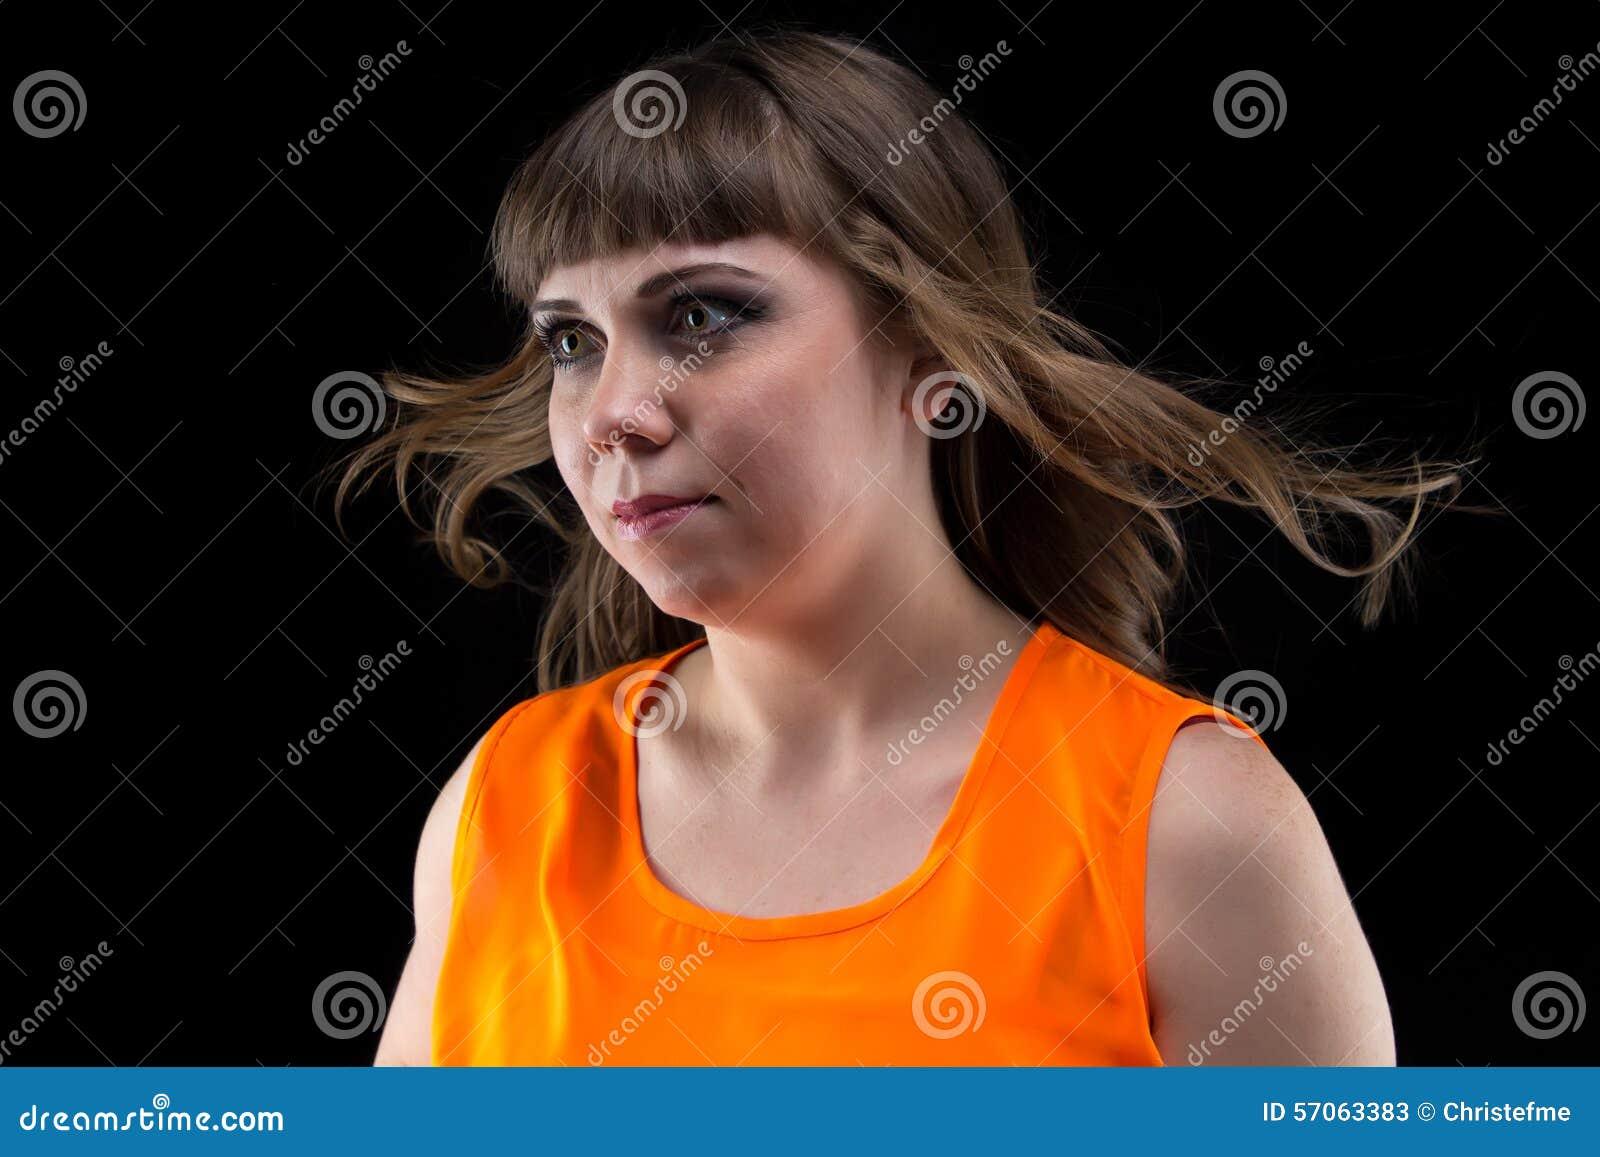 Fotovrouw met stromend haar, die weg eruit zien